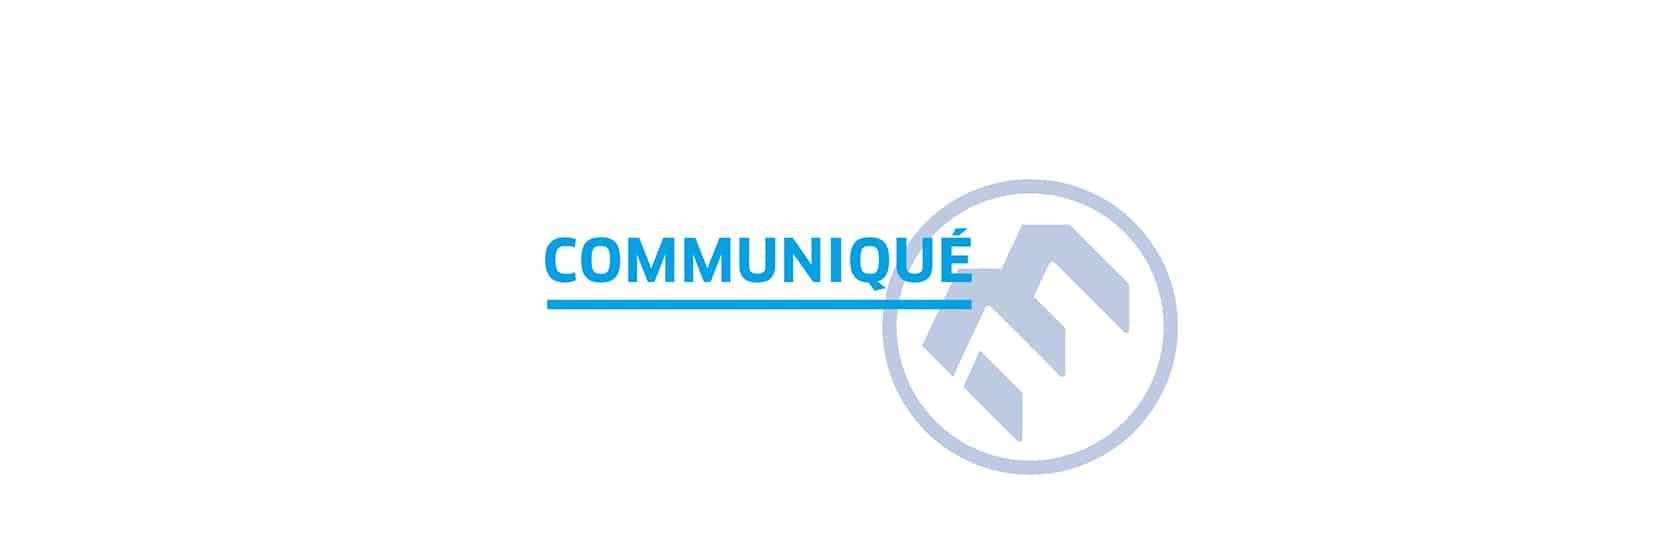 L'Assemblée générale de la FFME confirme son adhésion au projet fédéral